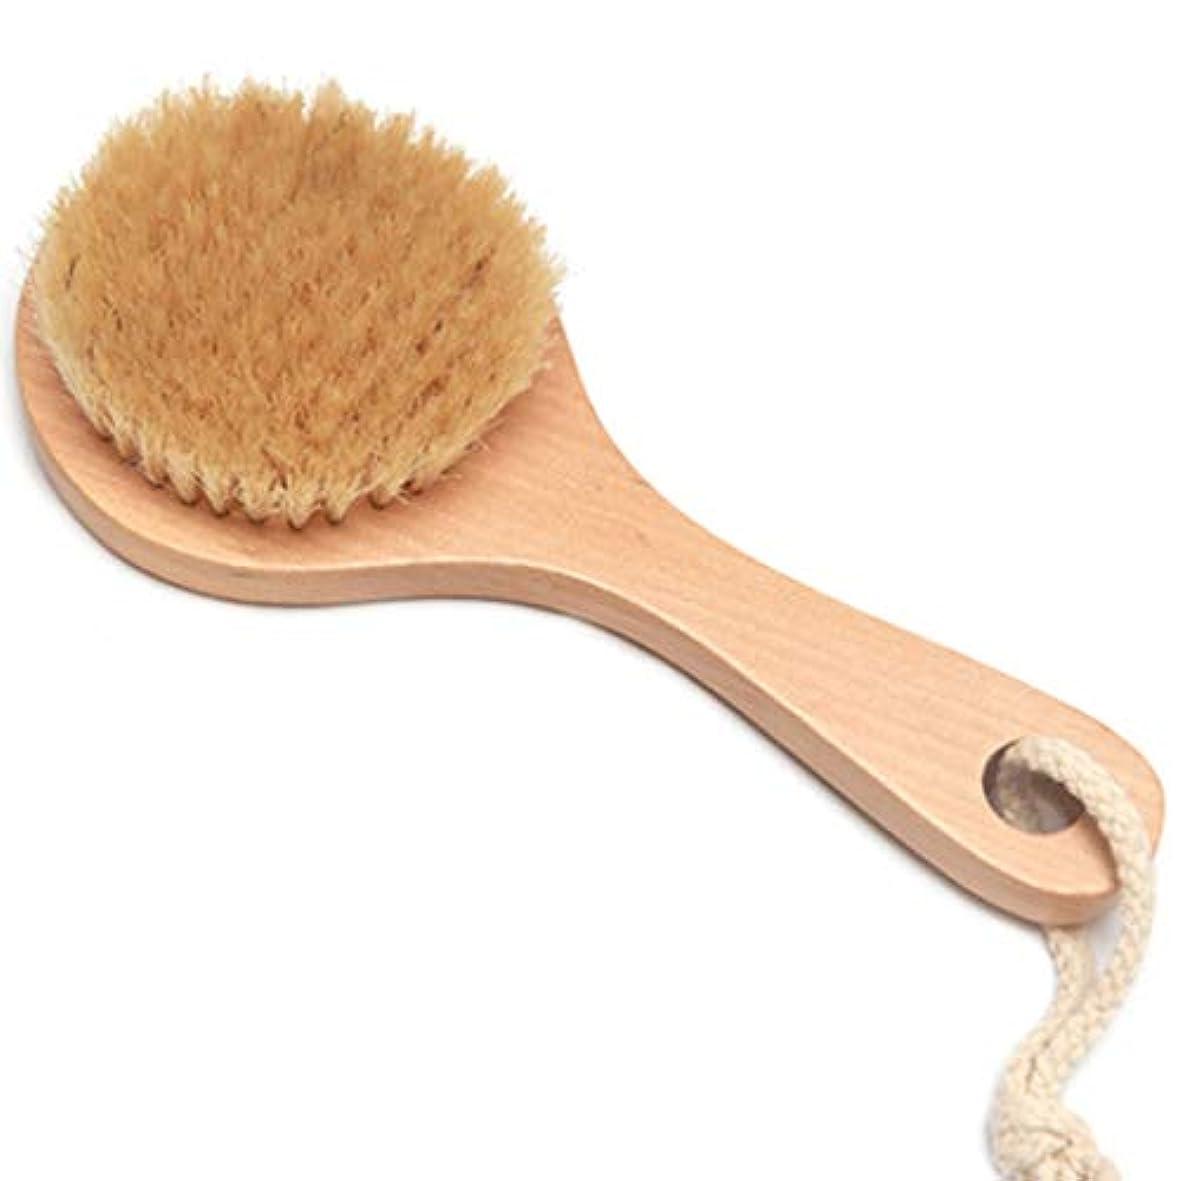 提供する夫有望バスブラシバックブラシロングハンドルやわらかい毛髪バスブラシバスブラシ角質除去クリーニングブラシ (Color : Wood color, Size : 20*7.5cm)